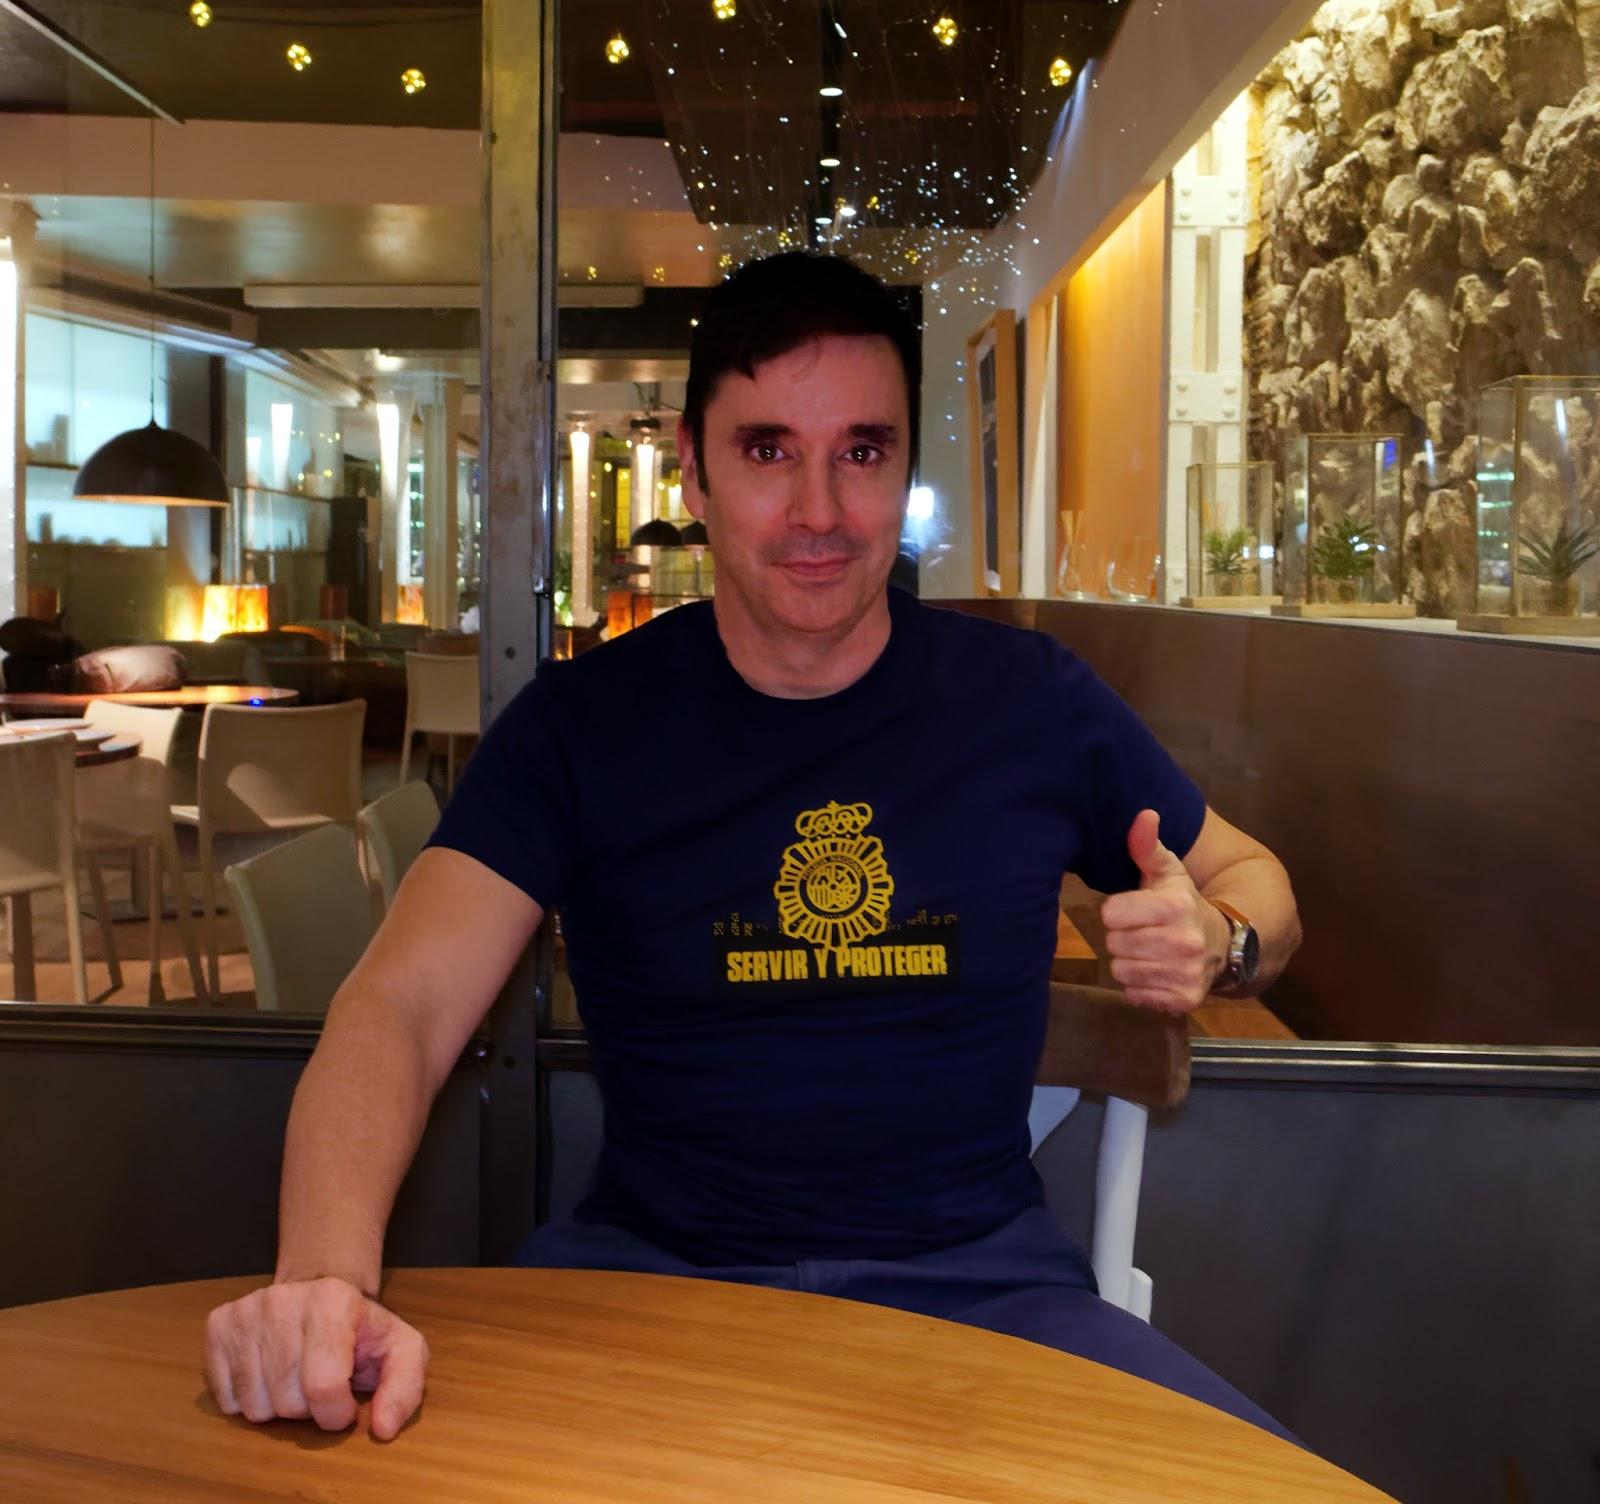 Rubén Torreón, director de 'Servir y proteger'